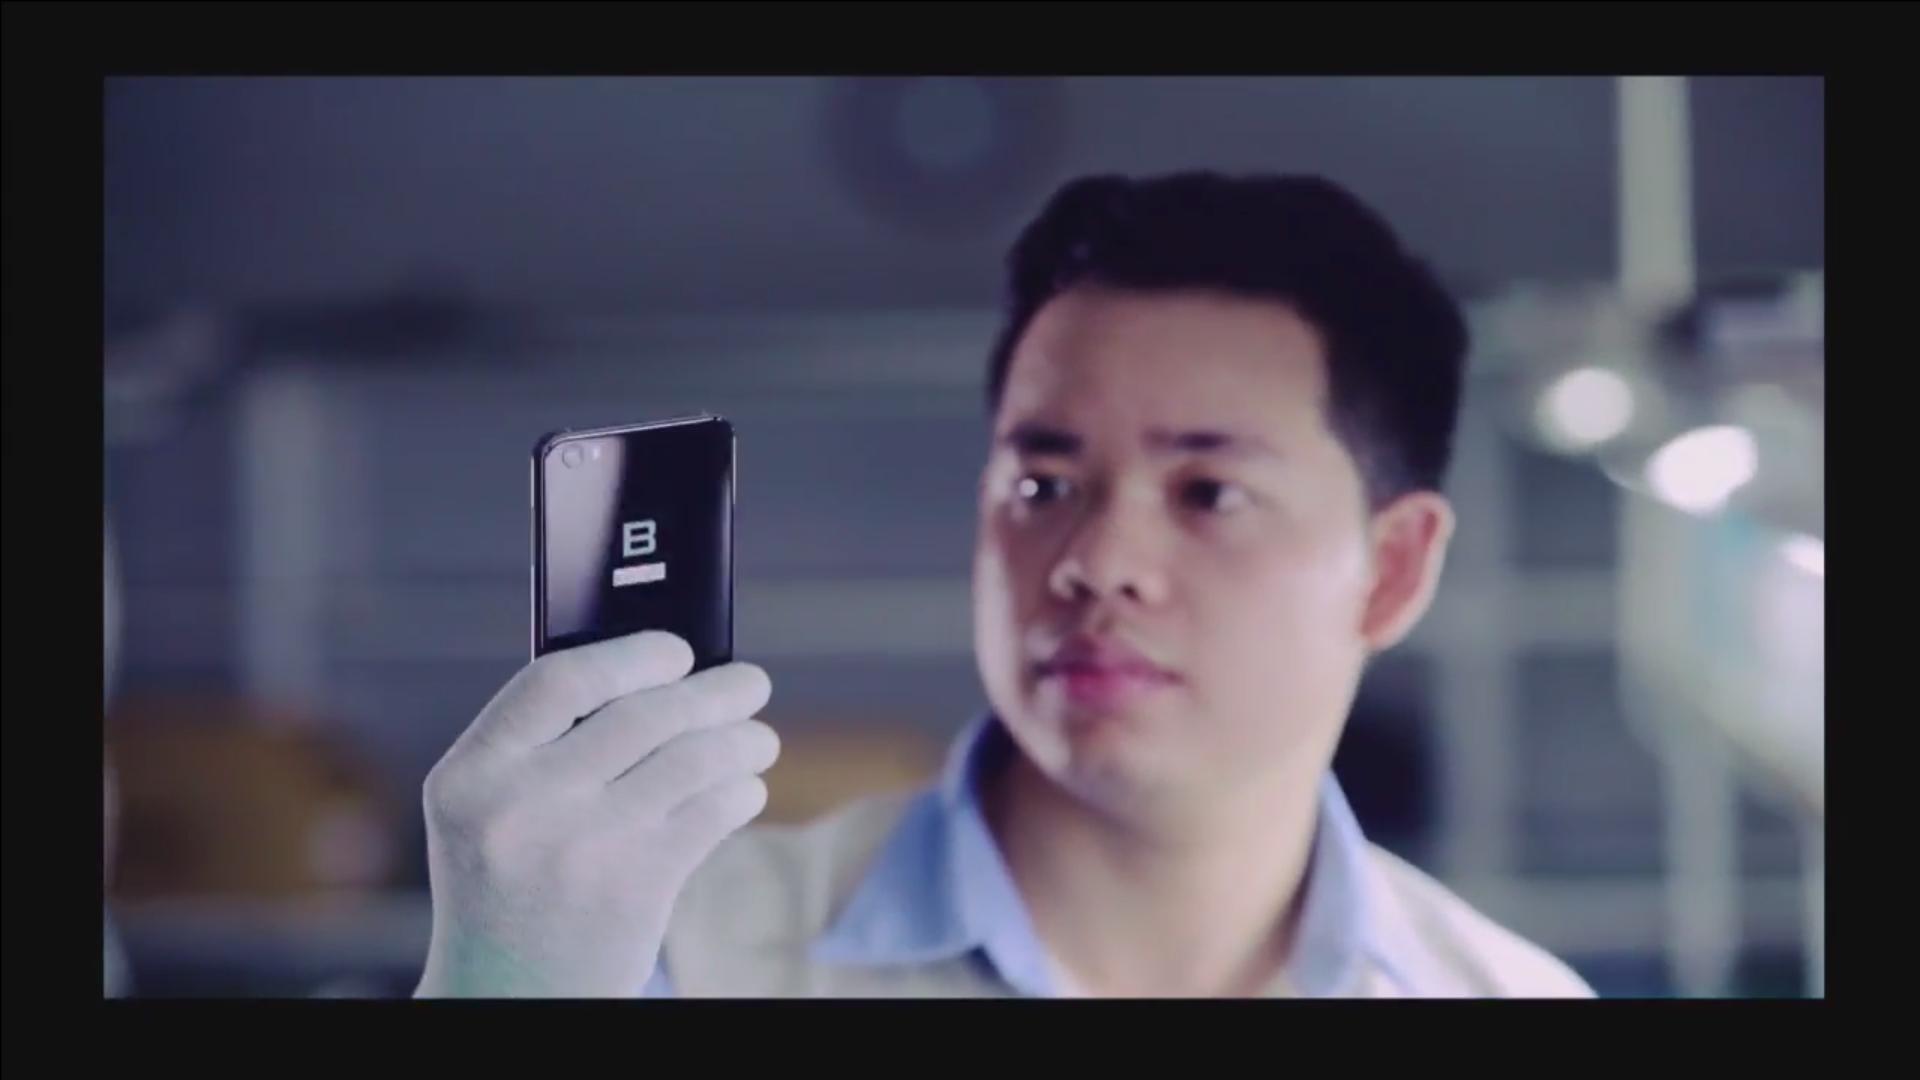 Bkav đã sử dụng công nghệ phay và xử lý bề mặt để loại bỏ hoàn toàn sự bất tiện về cảm giác cấn tay khi cầm nắm smartphone của người dùng